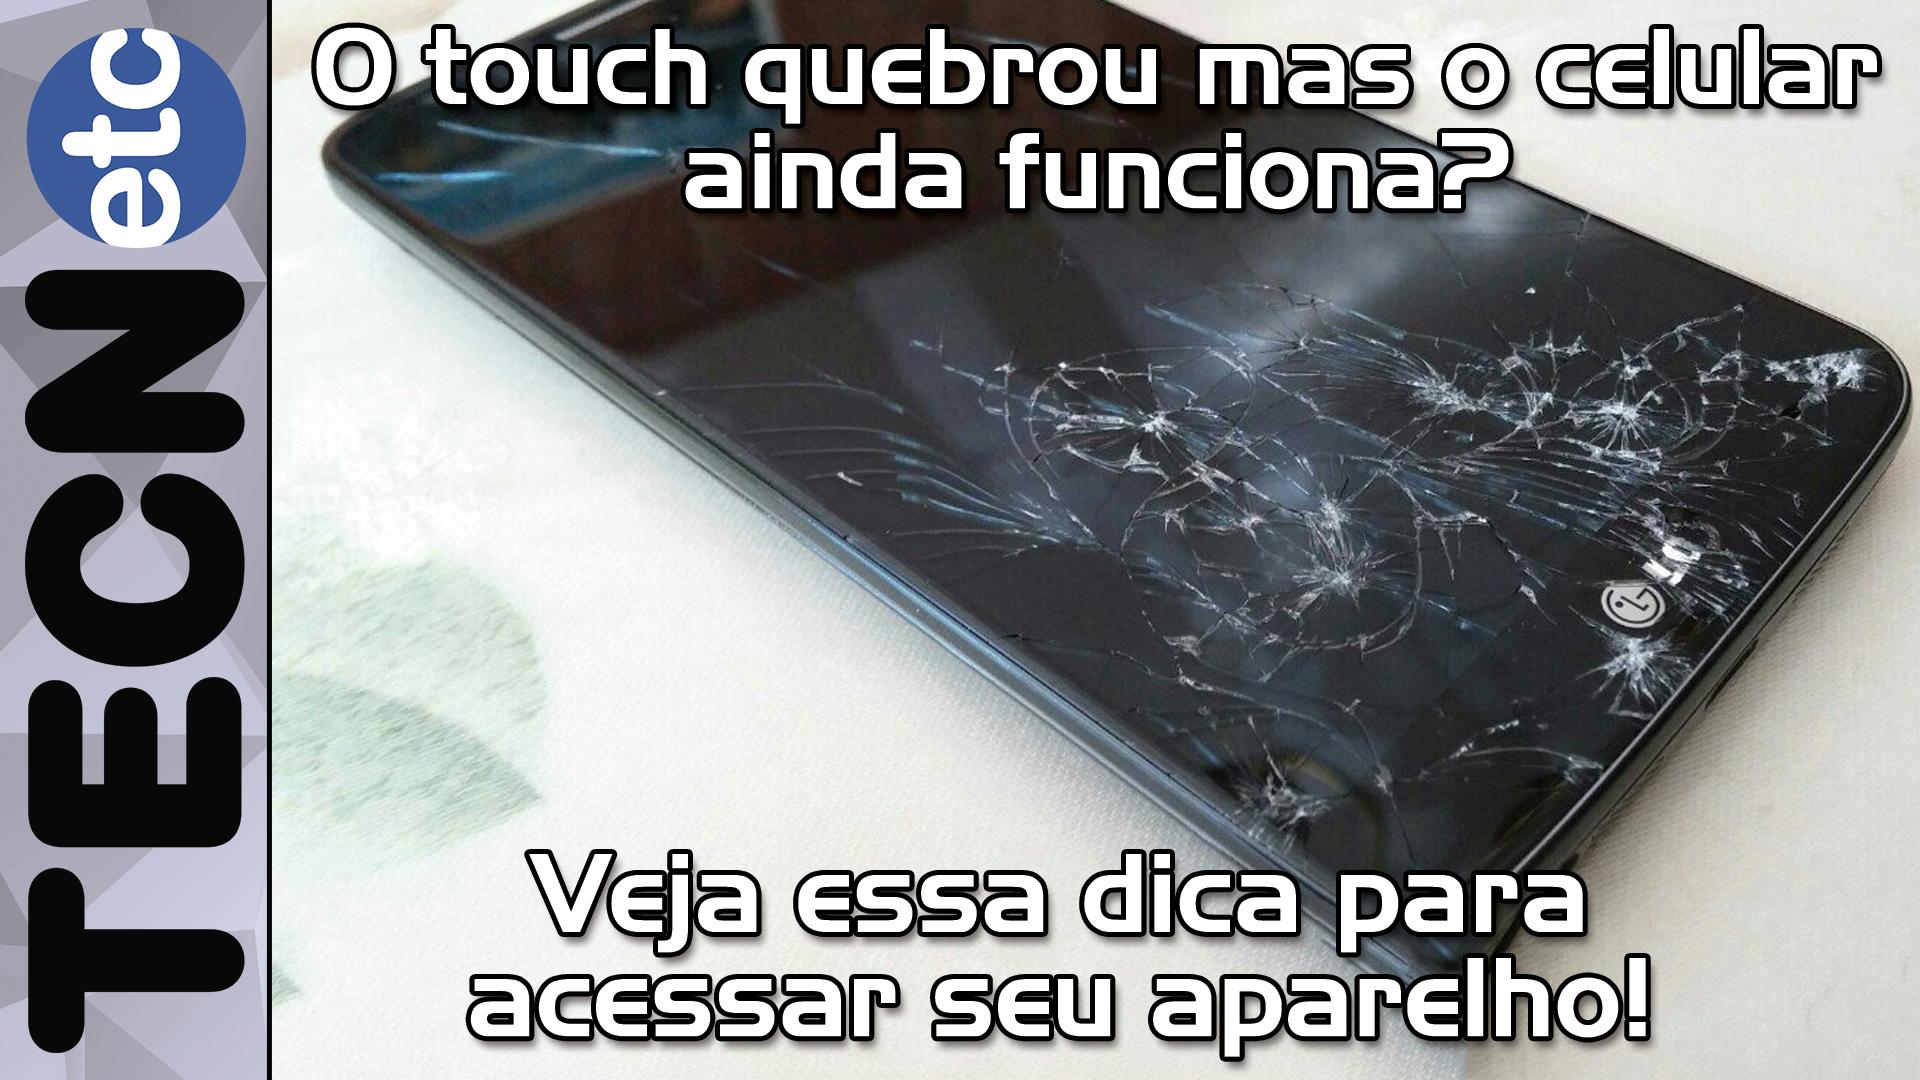 O touch quebrou mas o celular ainda funciona? Veja essa dica para acessar seu aparelho!